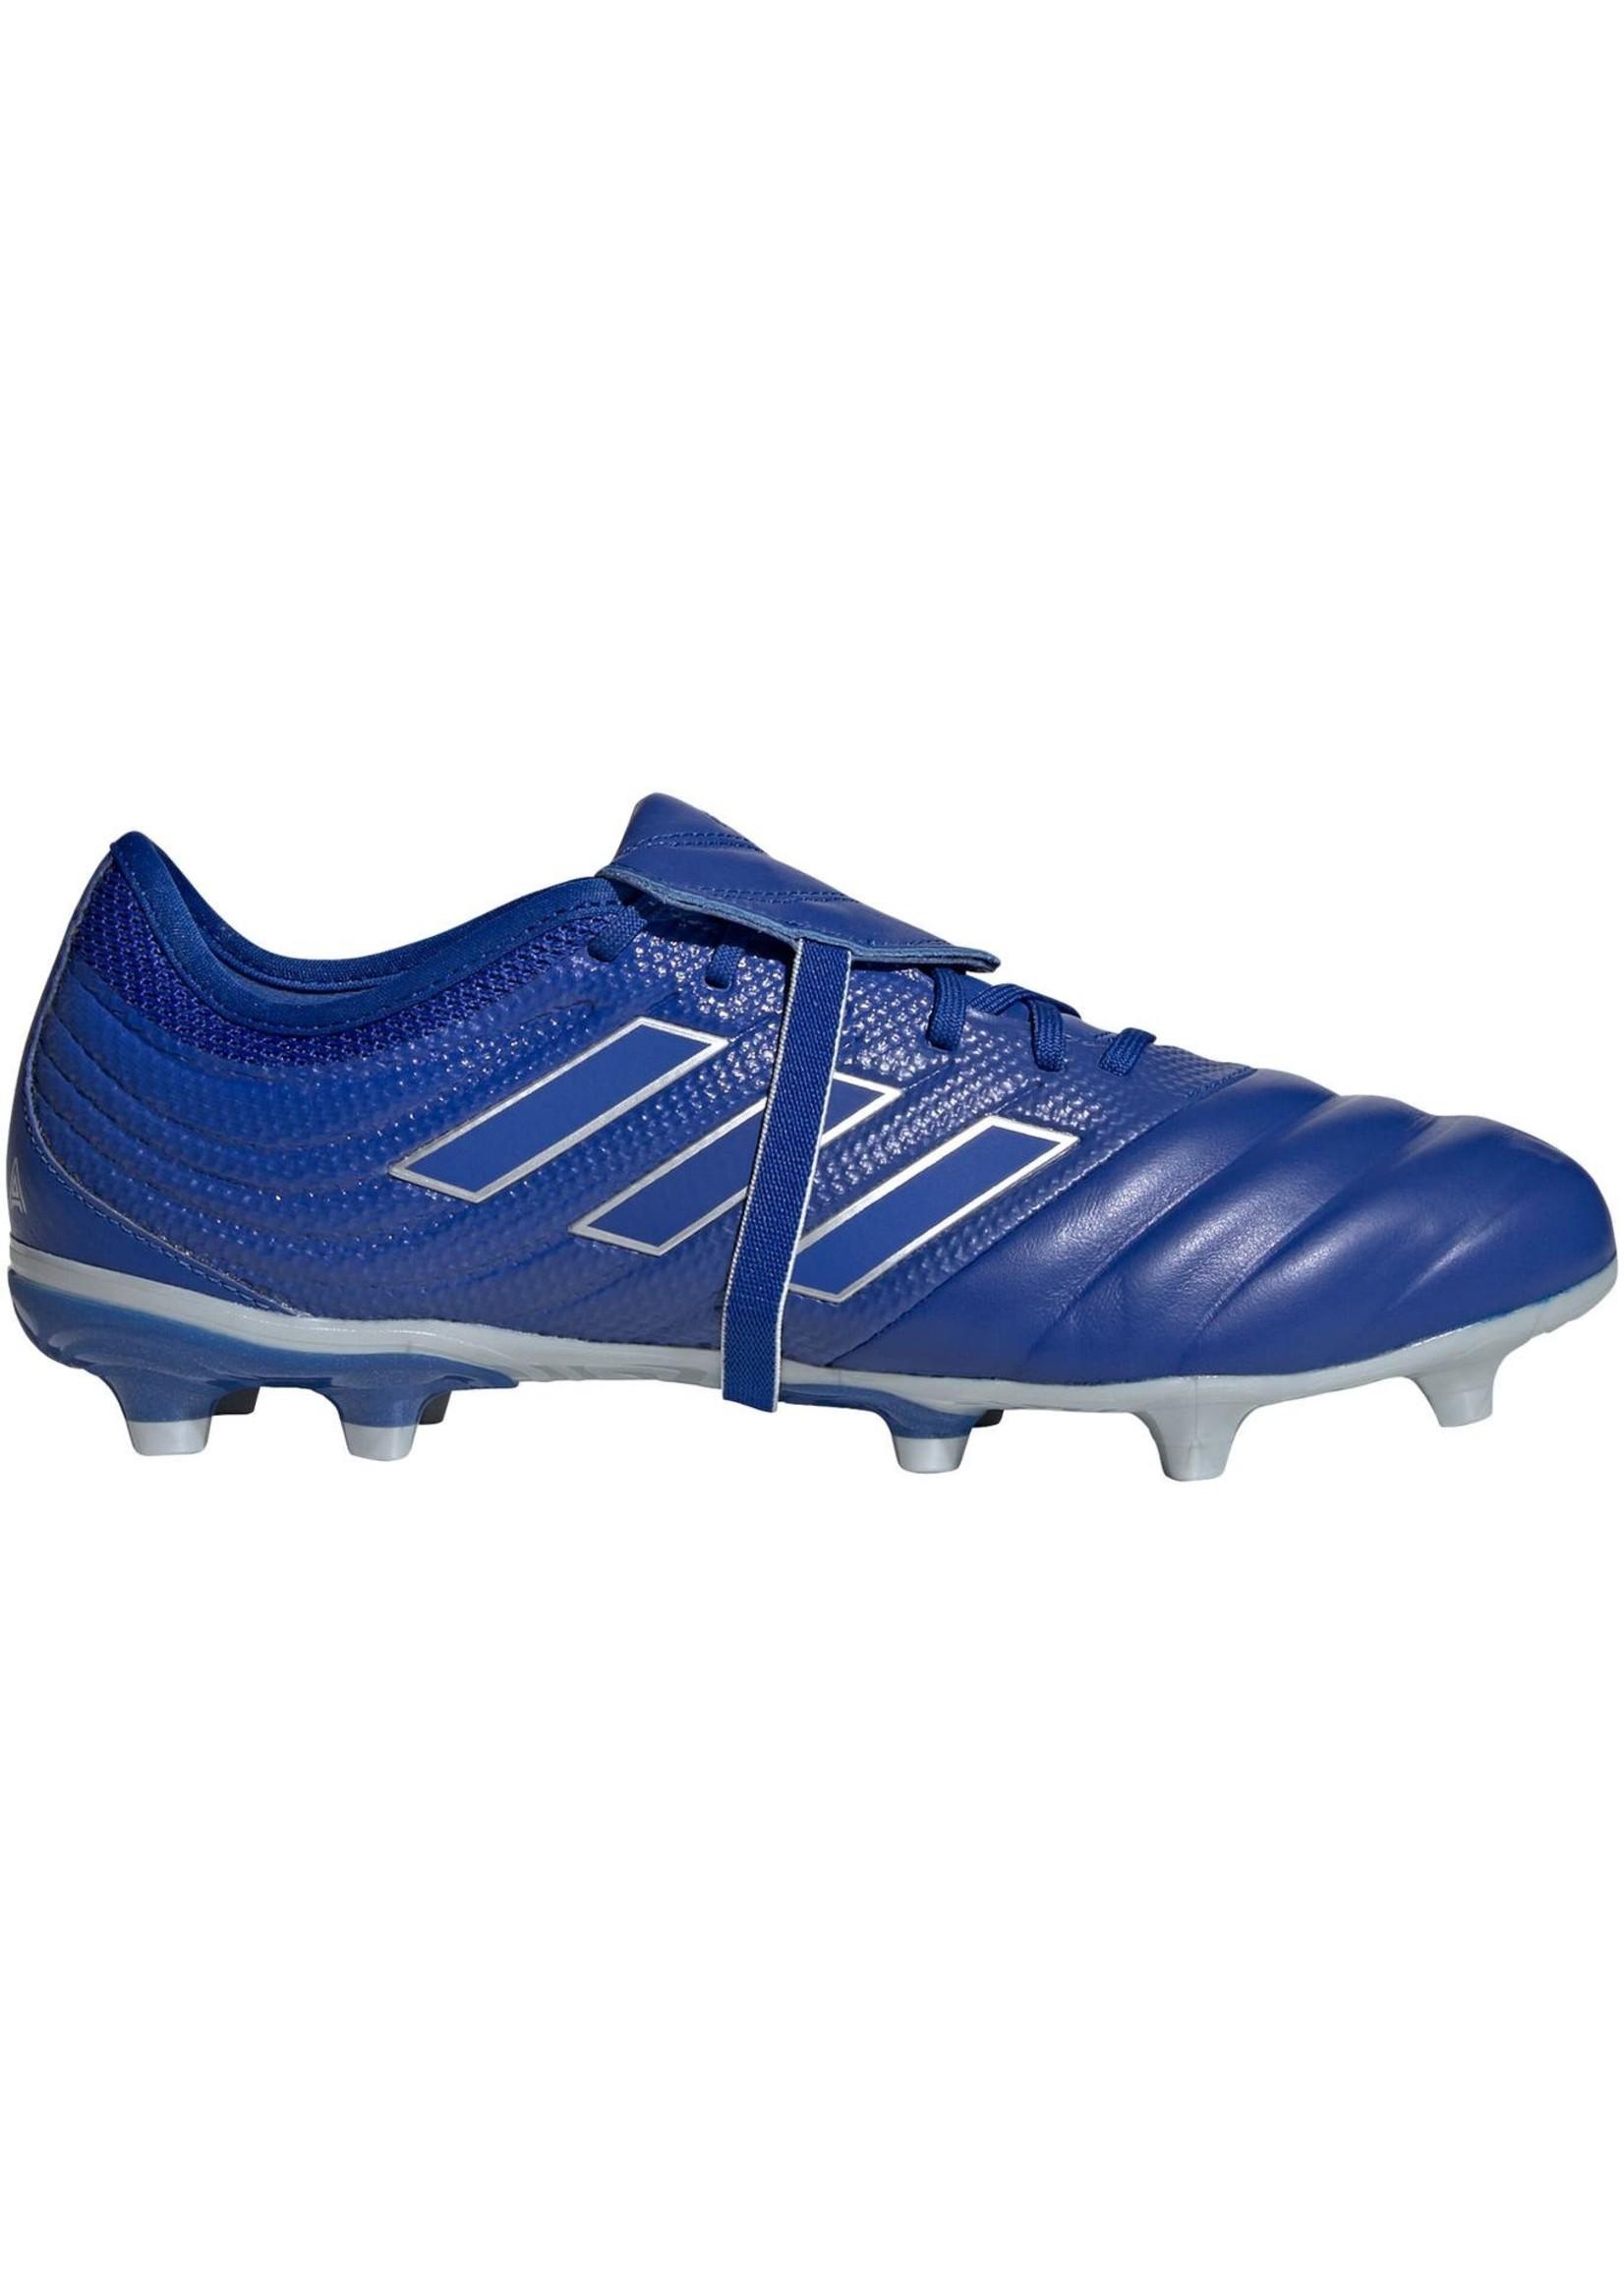 Adidas Copa Gloro 20.2 FG - EH1503